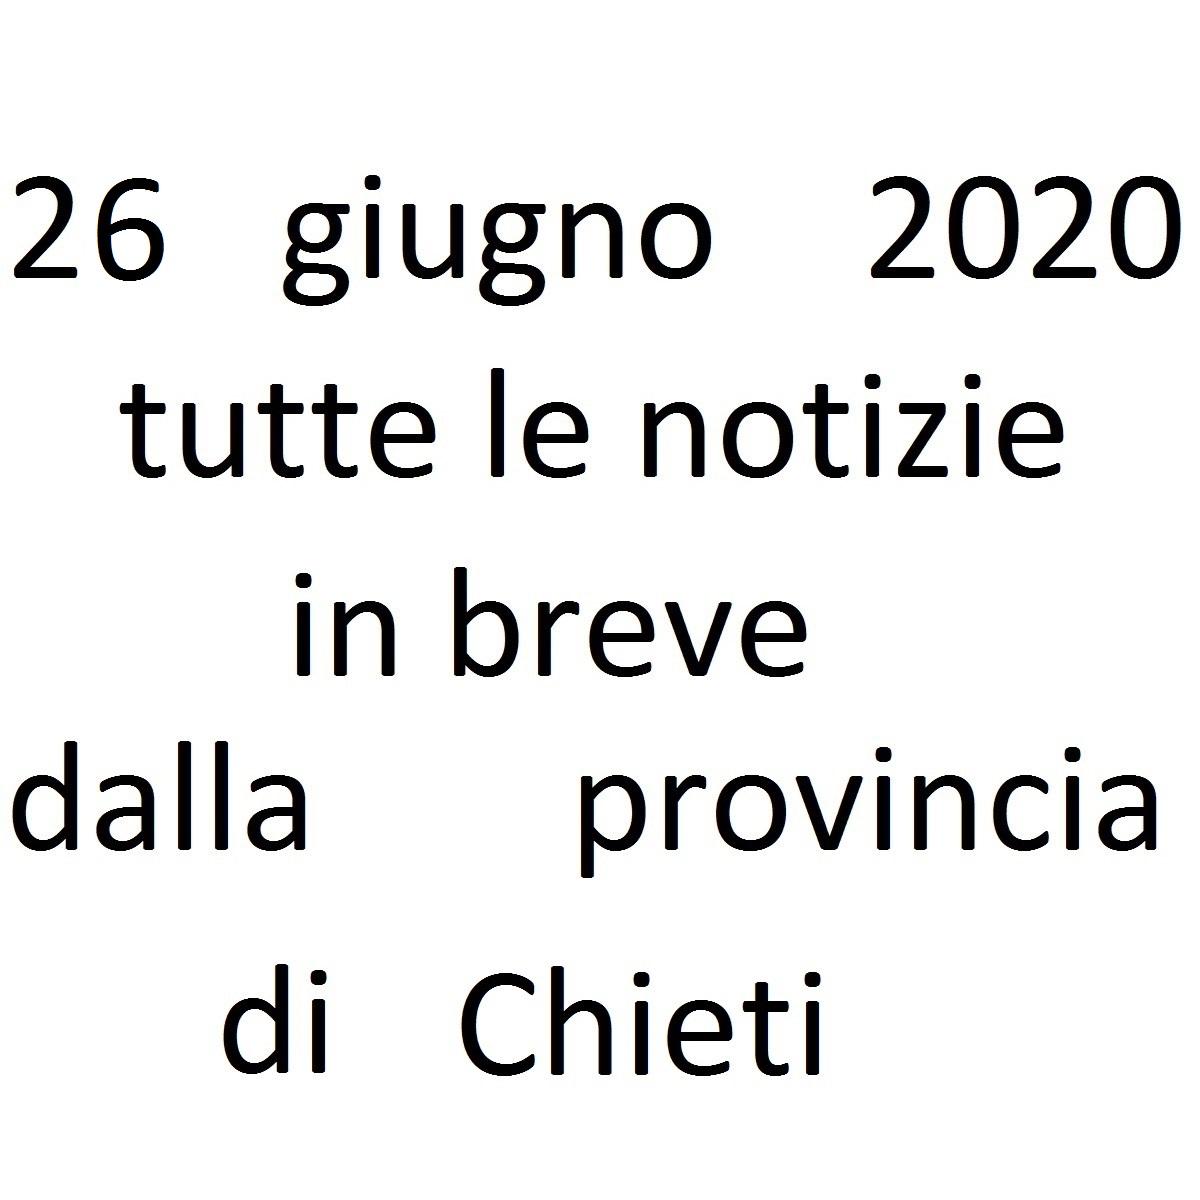 26 giugno 2020 notizie in breve dalla Provincia di Chieti foto